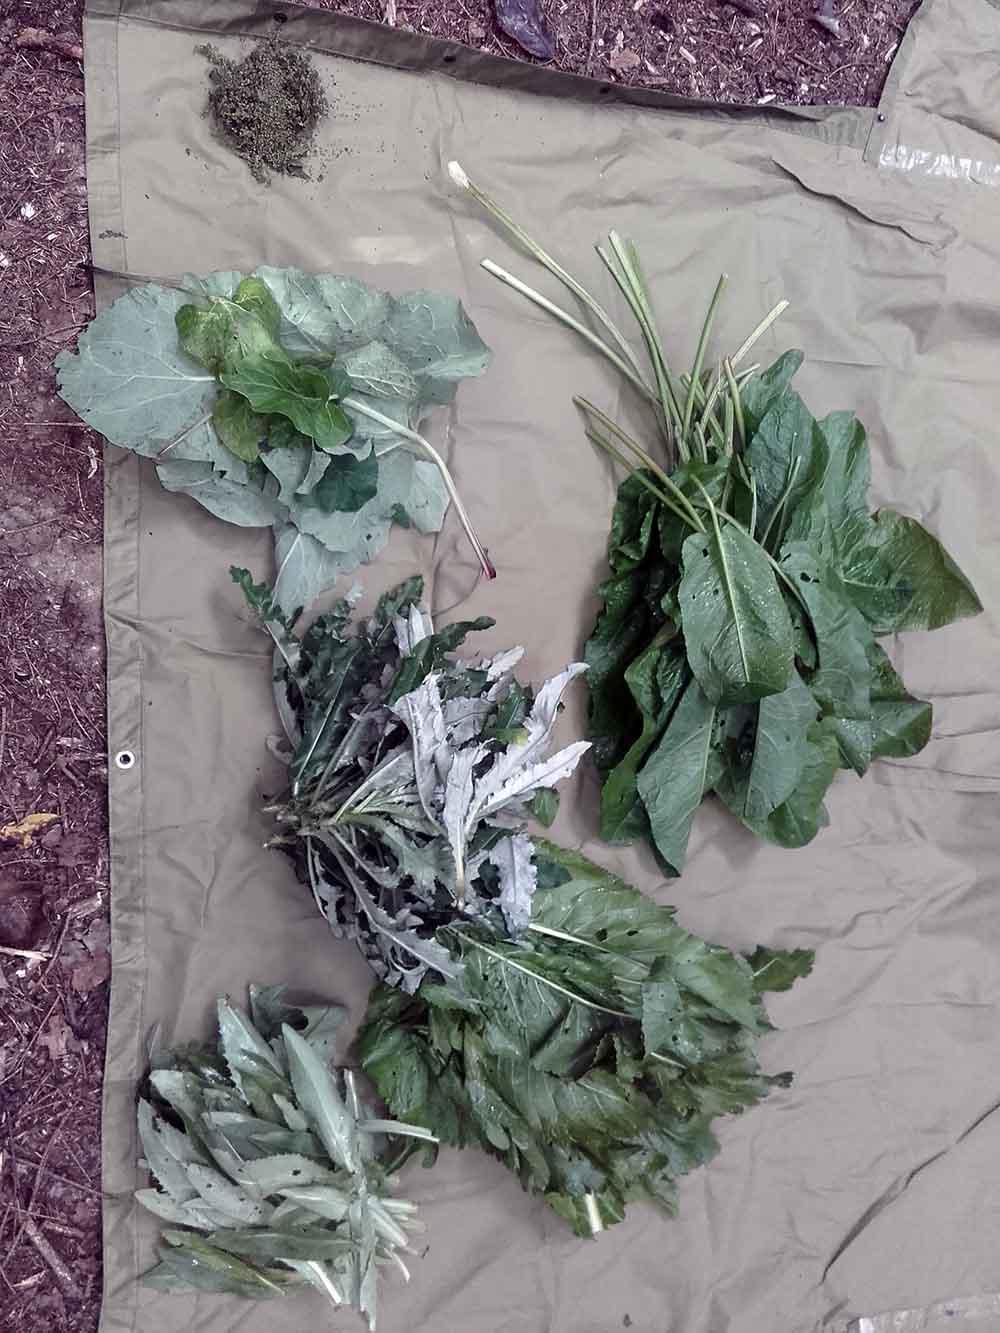 ochutnavka-horkych-rastlin-13